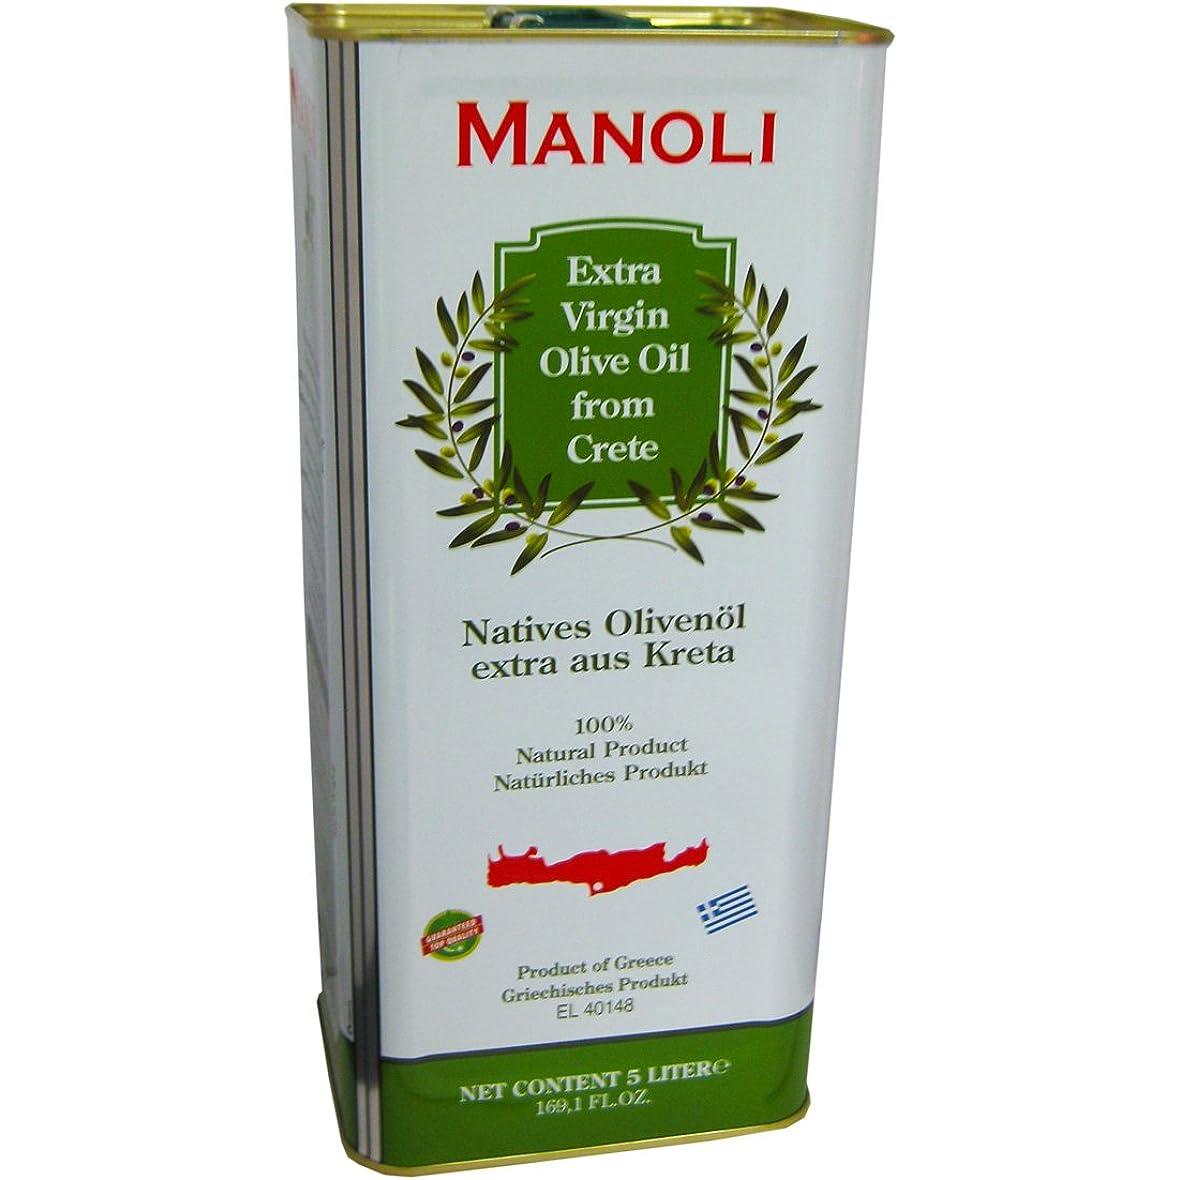 Manoli natives Olivenöl